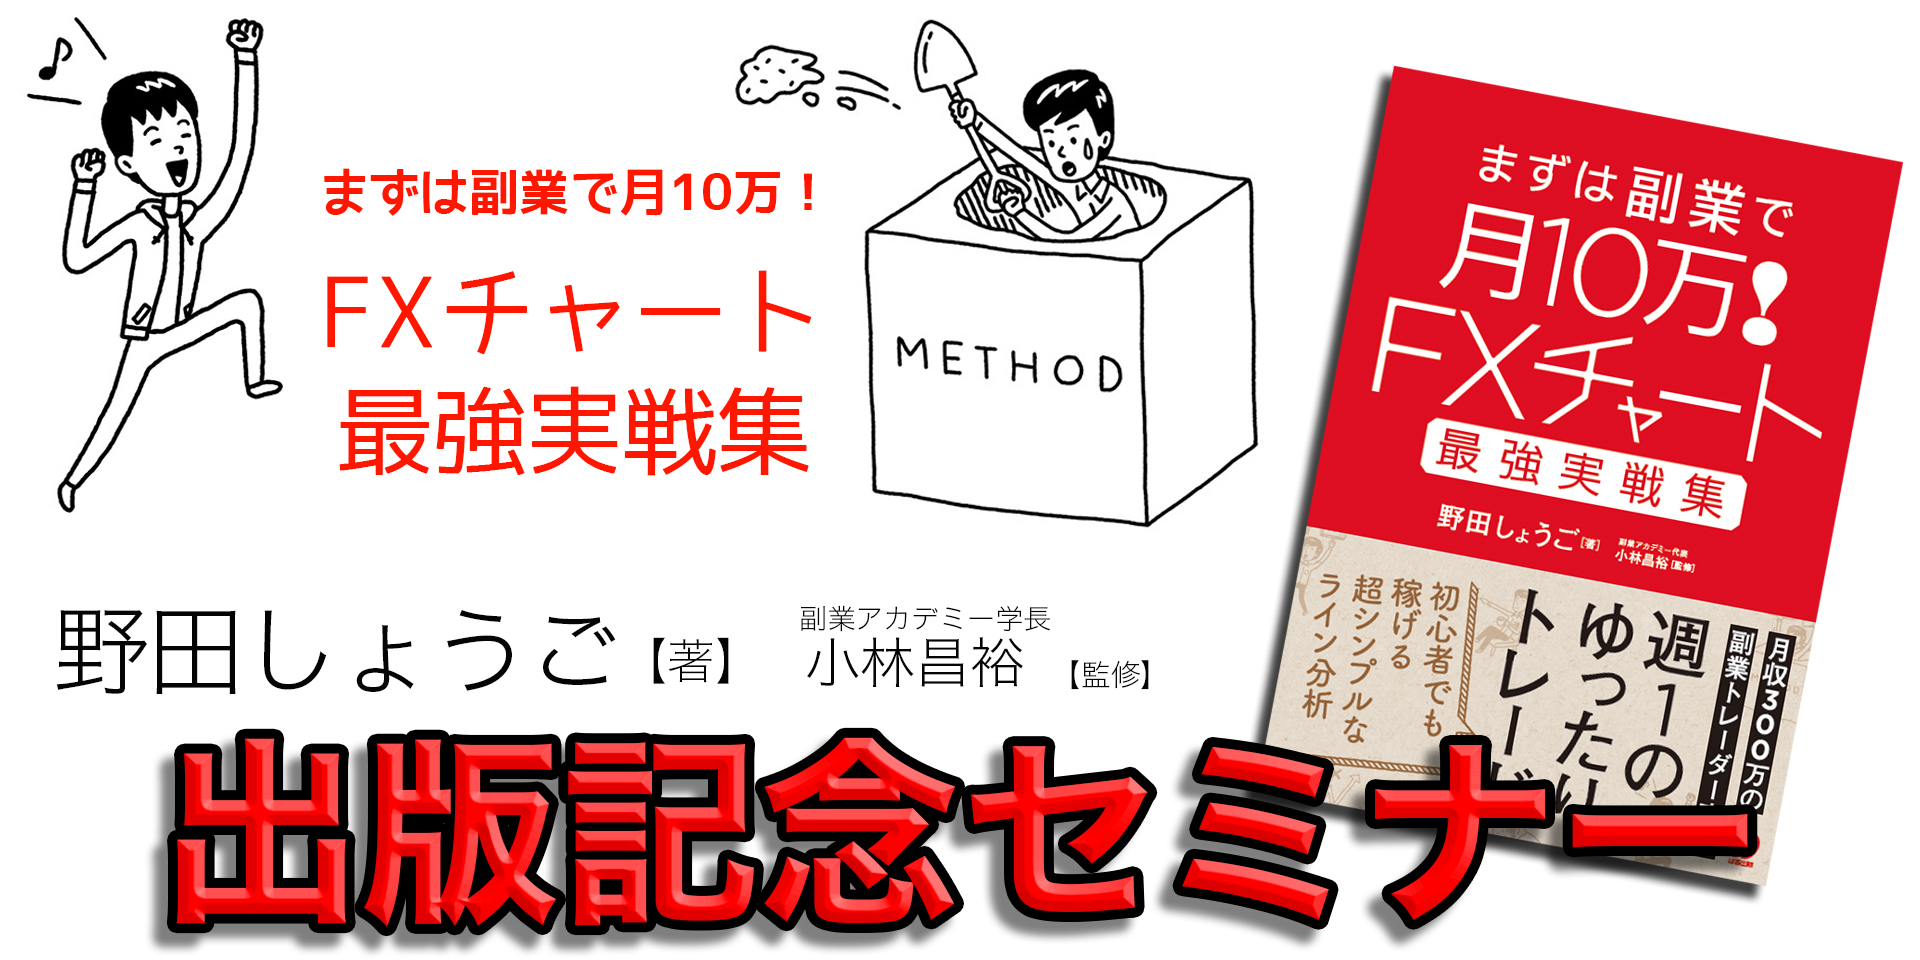 野田さん出版記念アイキャッチ